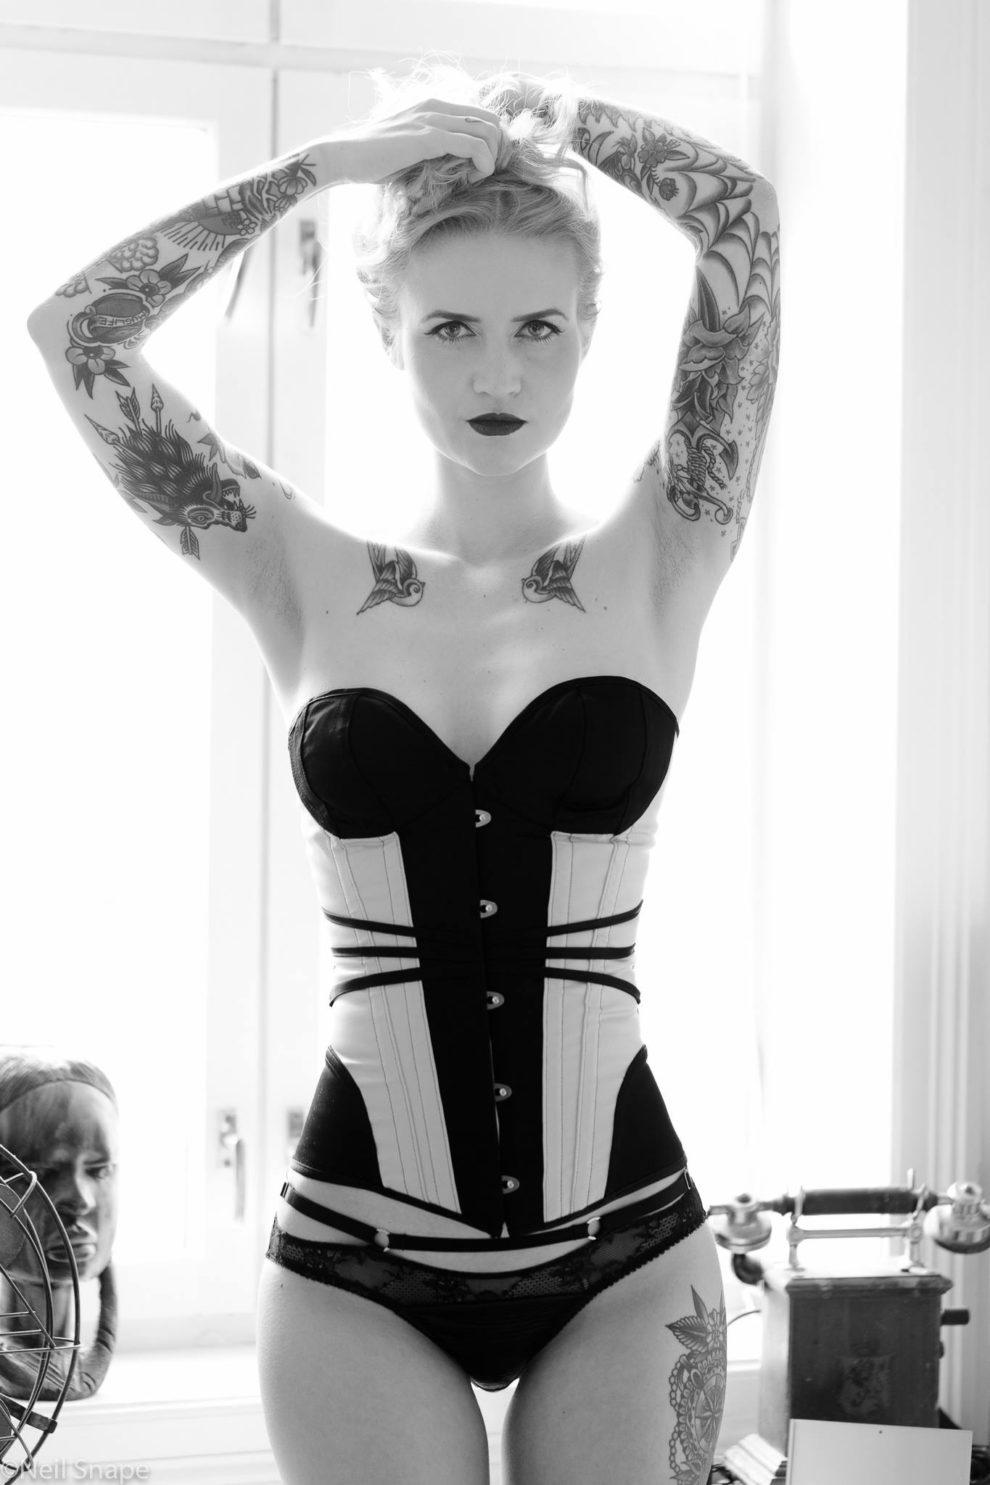 Dat corset